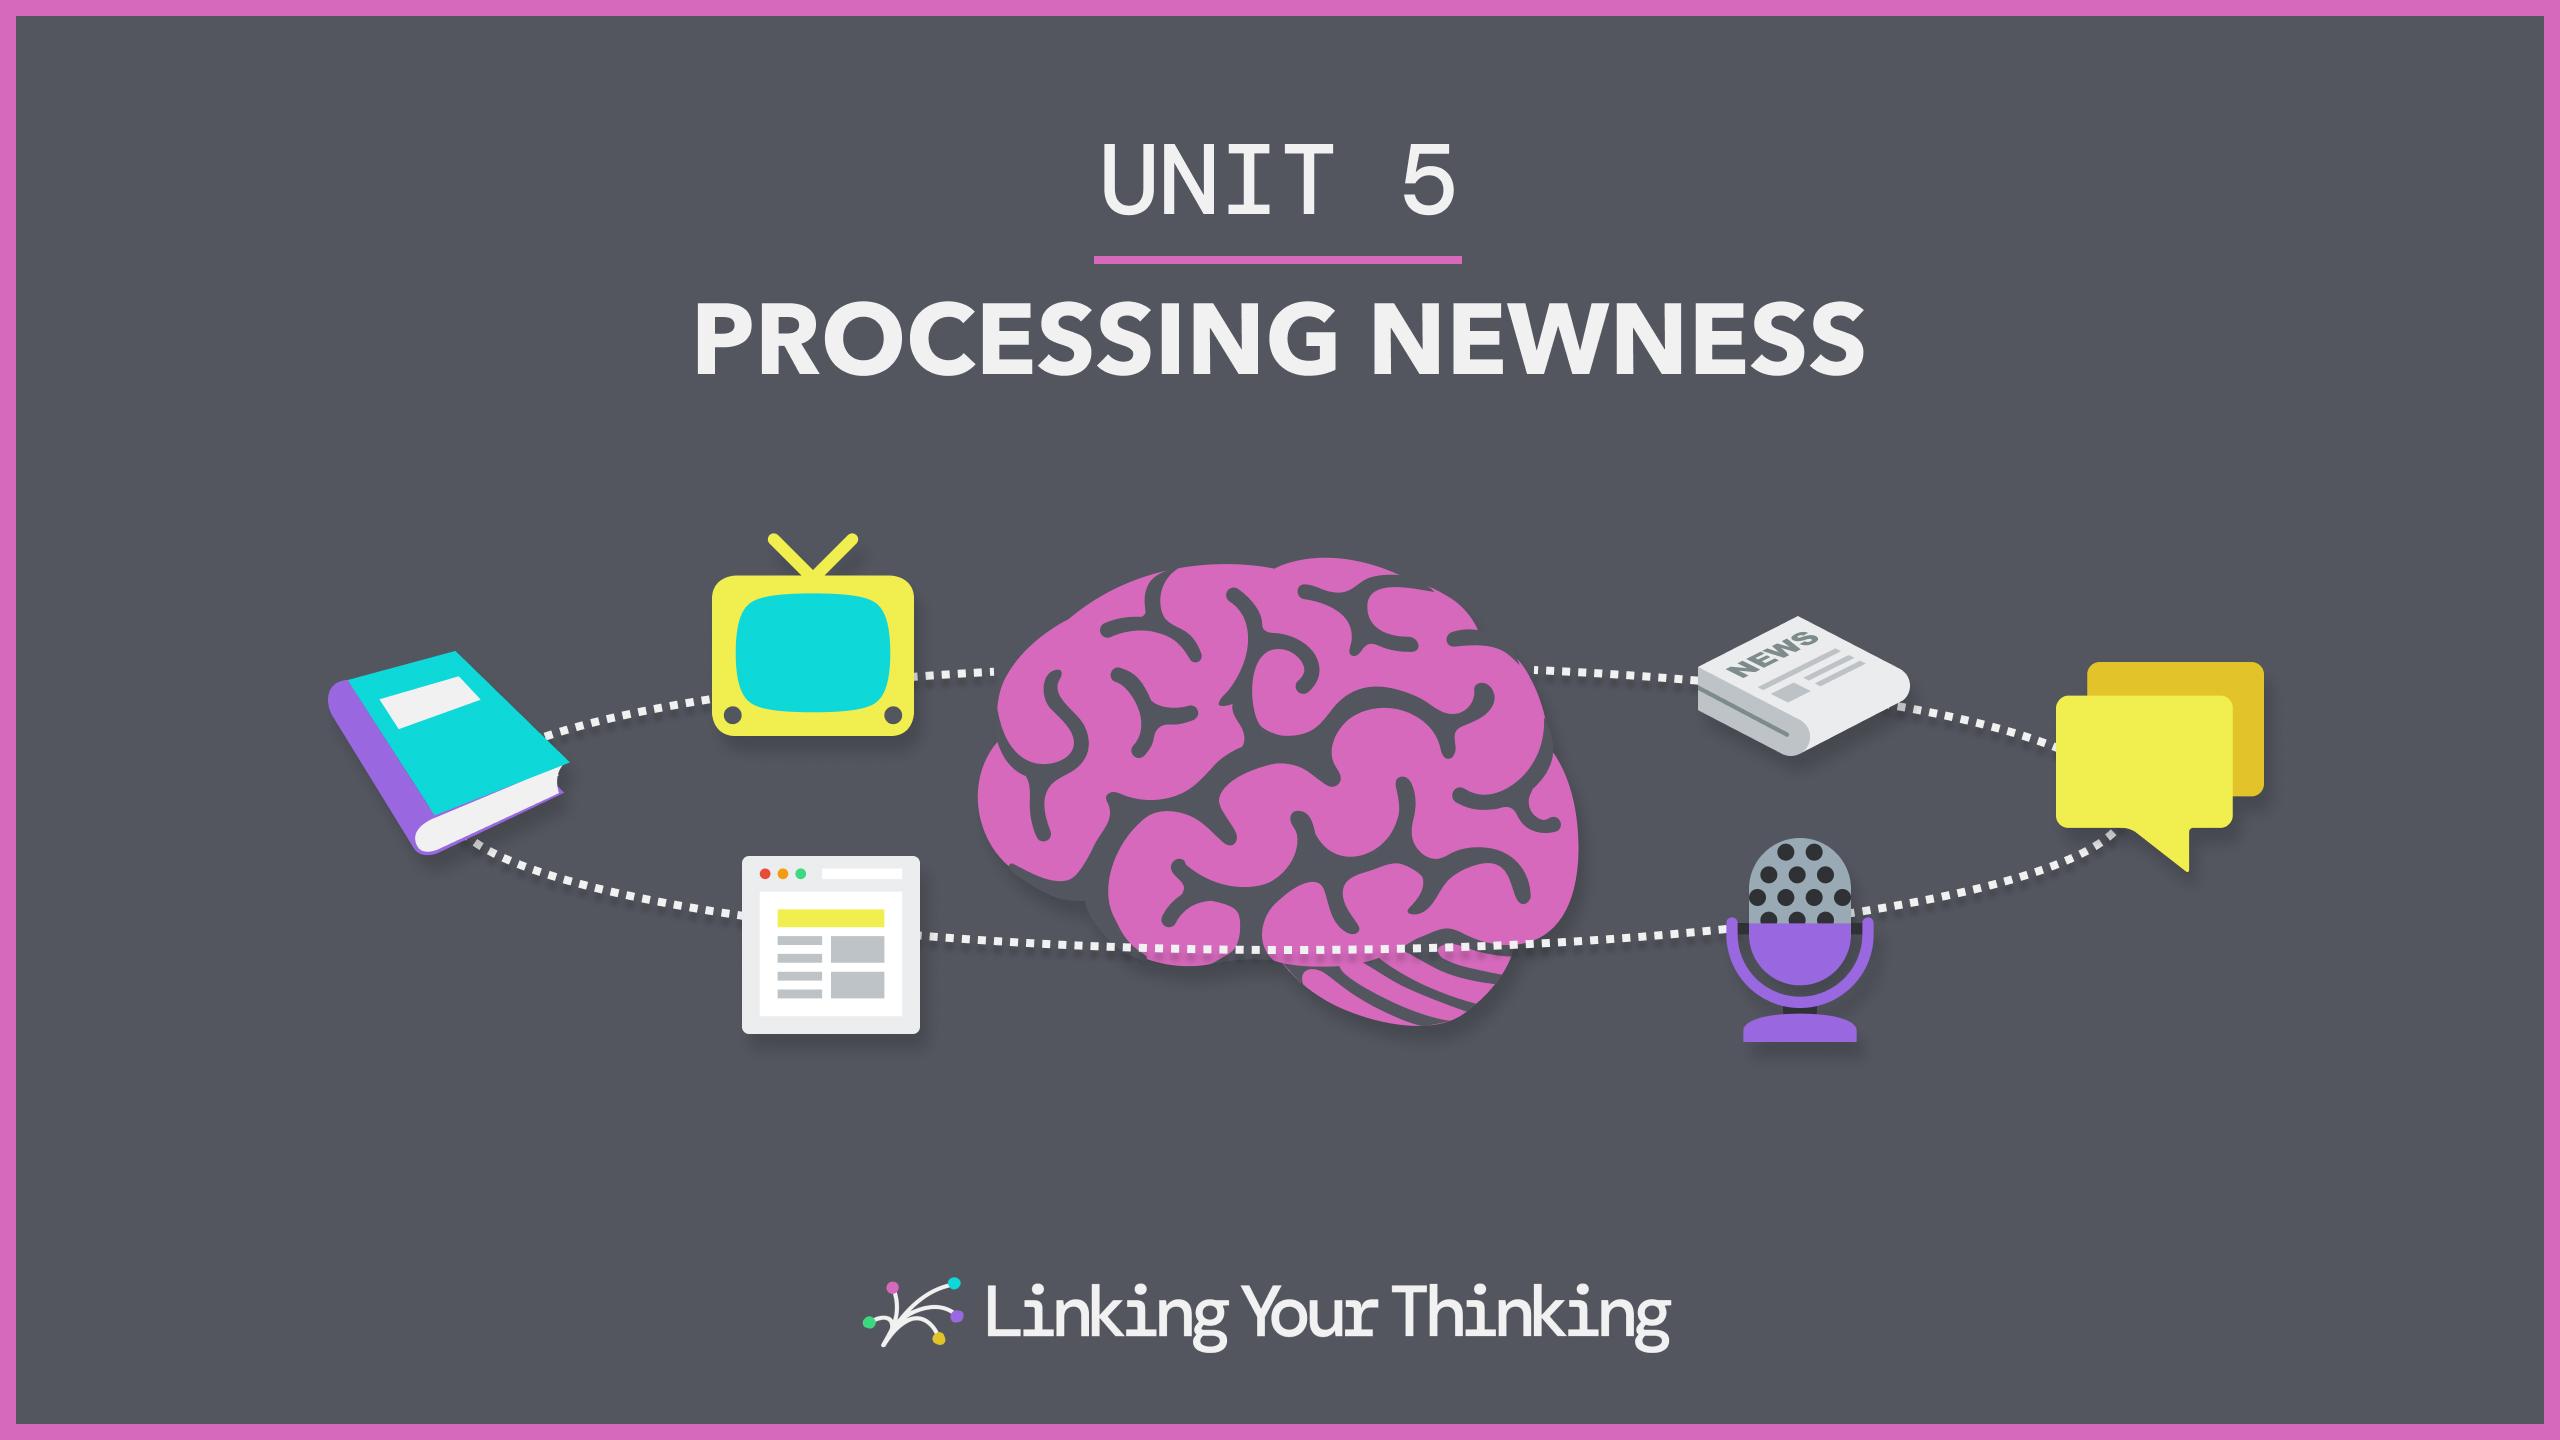 LYT Workshop - Unit 5 image